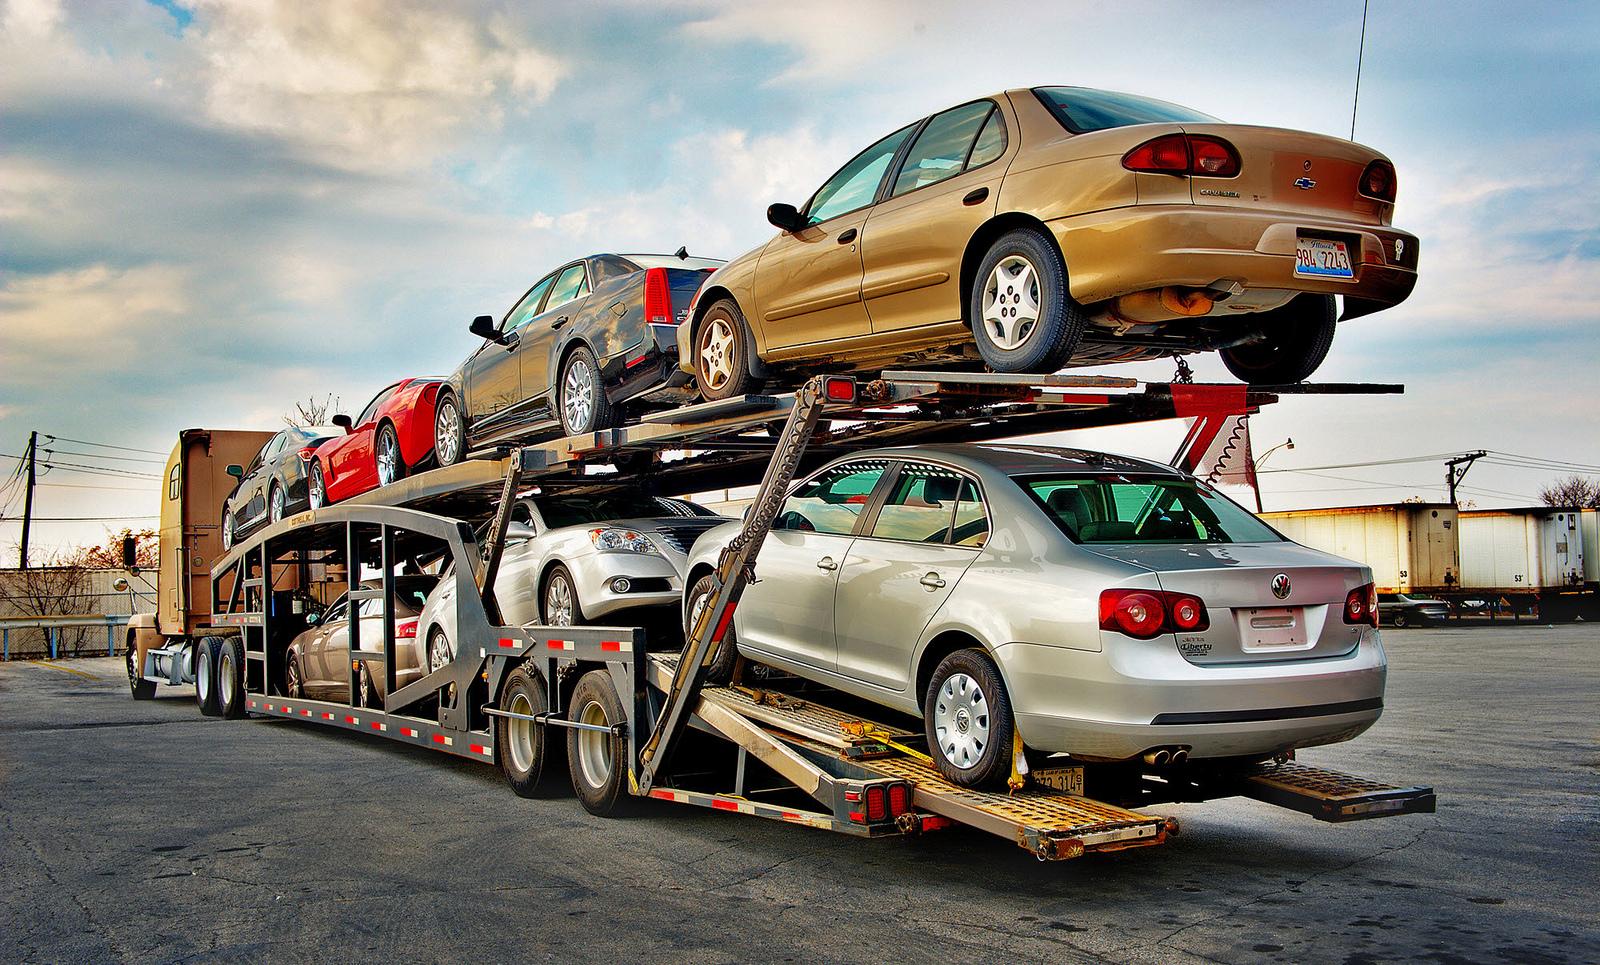 car-shipping-rates